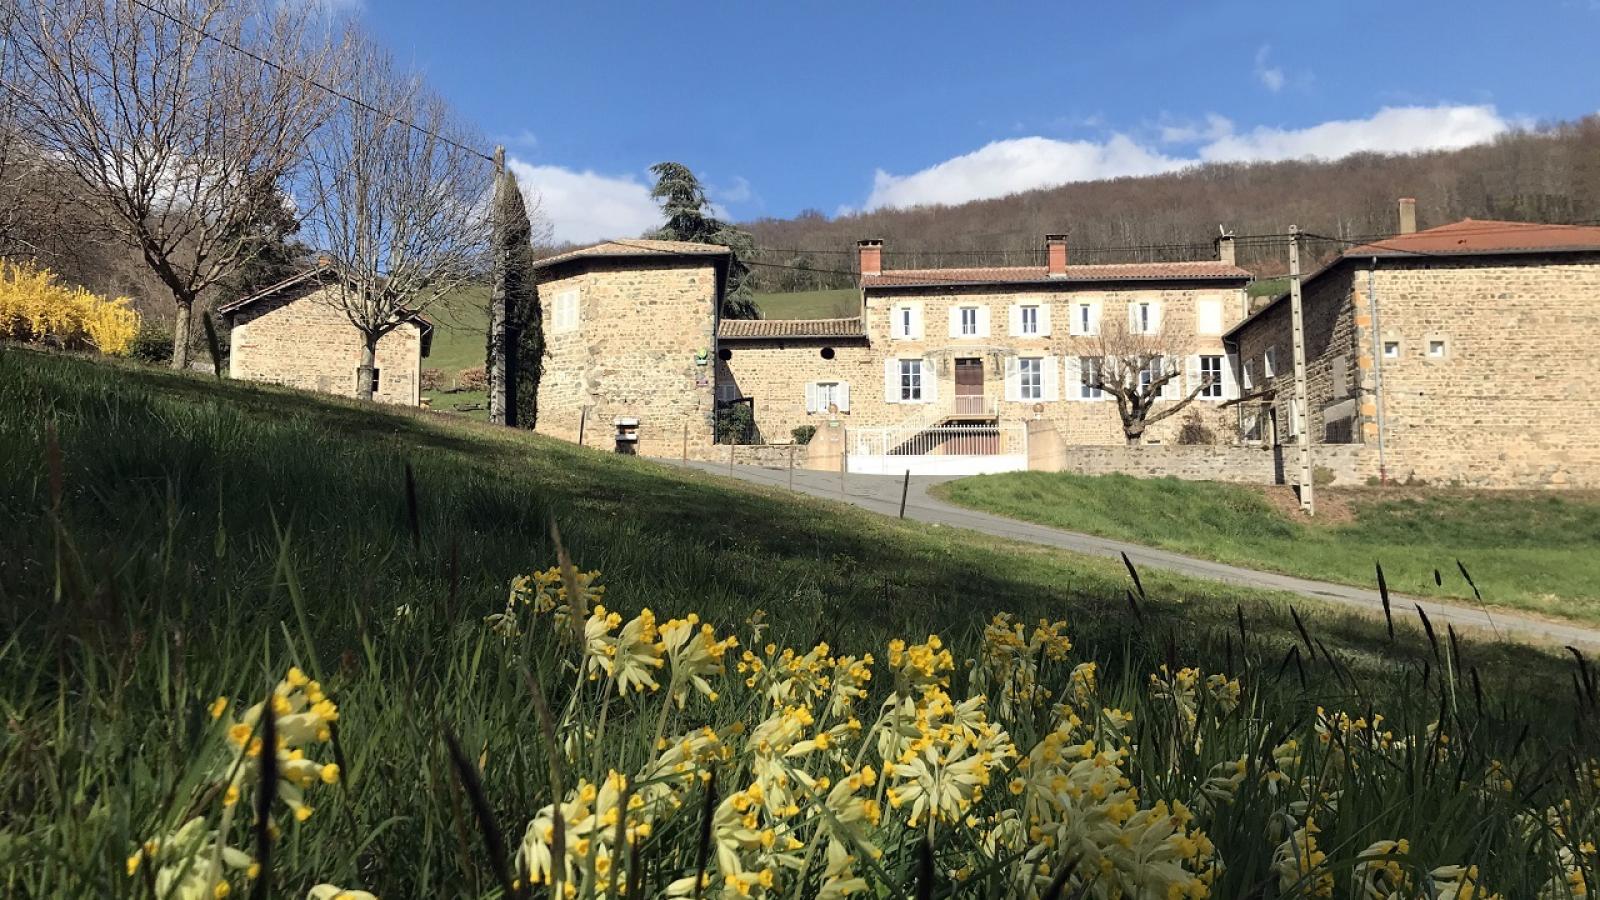 Chambres d'Hôtes 'Domaine de Romarand' à Quincié-en-Beaujolais, dans le Rhône : la Maison.